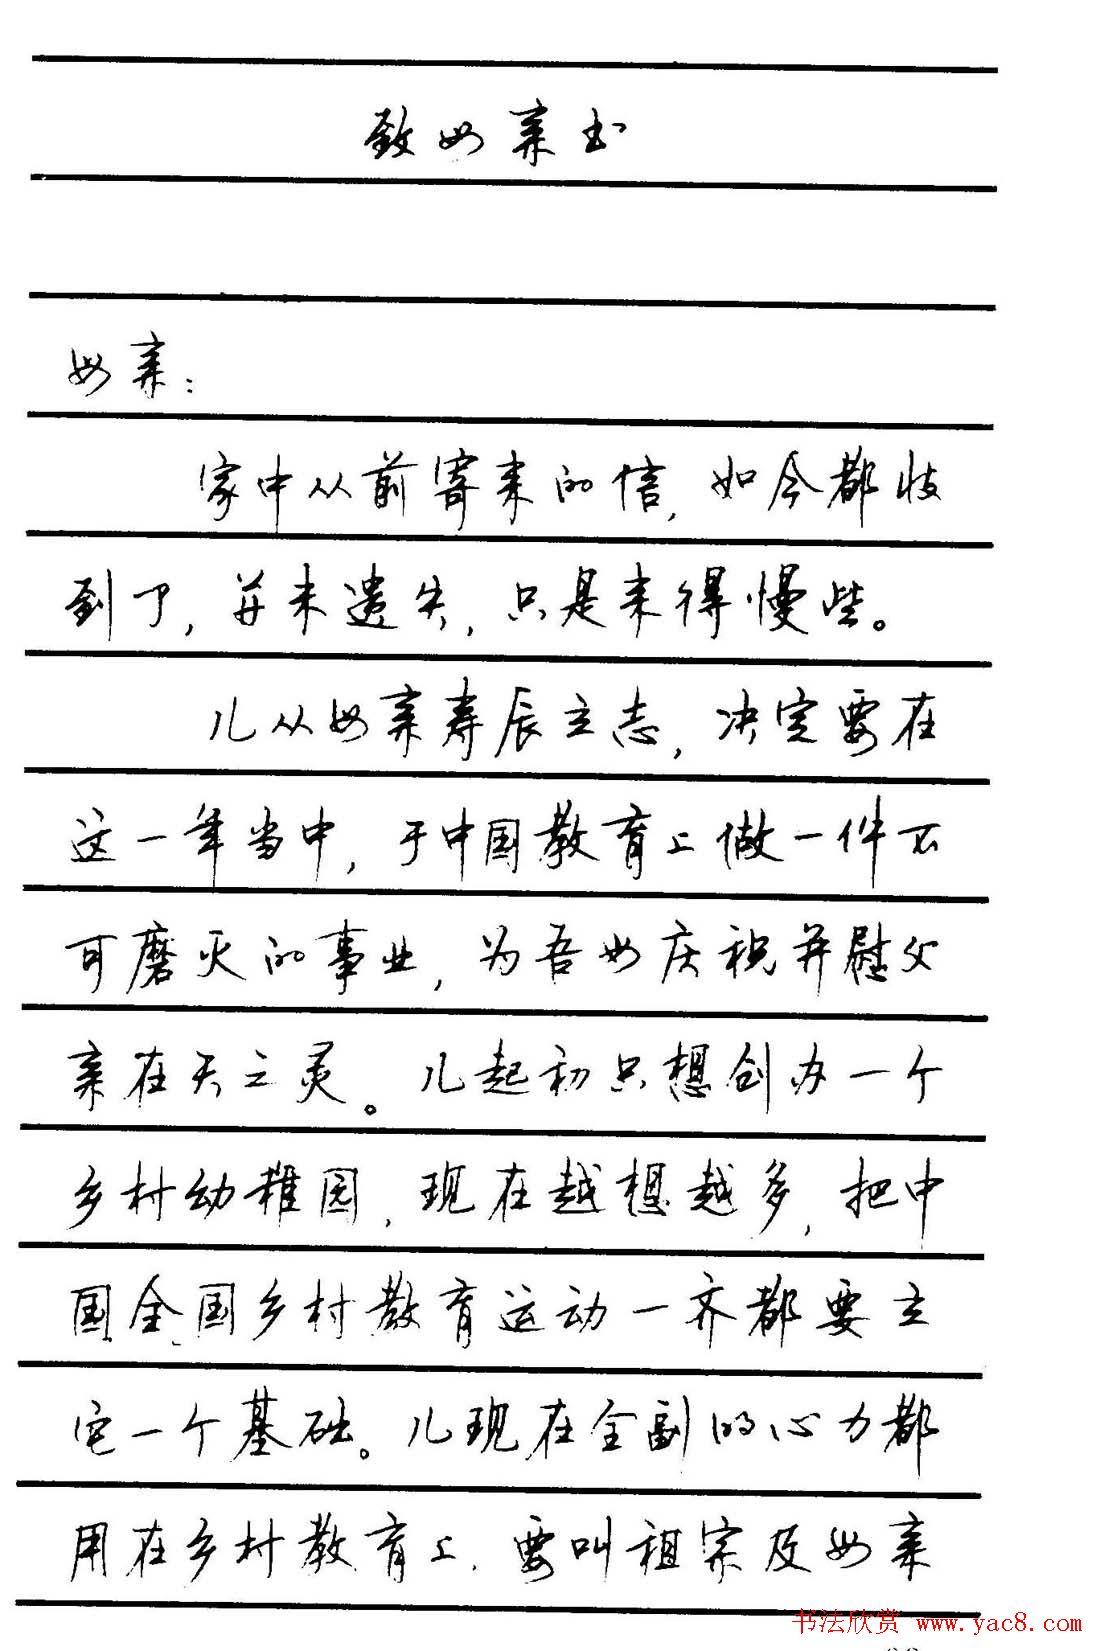 字帖欣赏 顾仲安钢笔行书字帖 中外名人书信选 第32页 钢笔字帖 书法